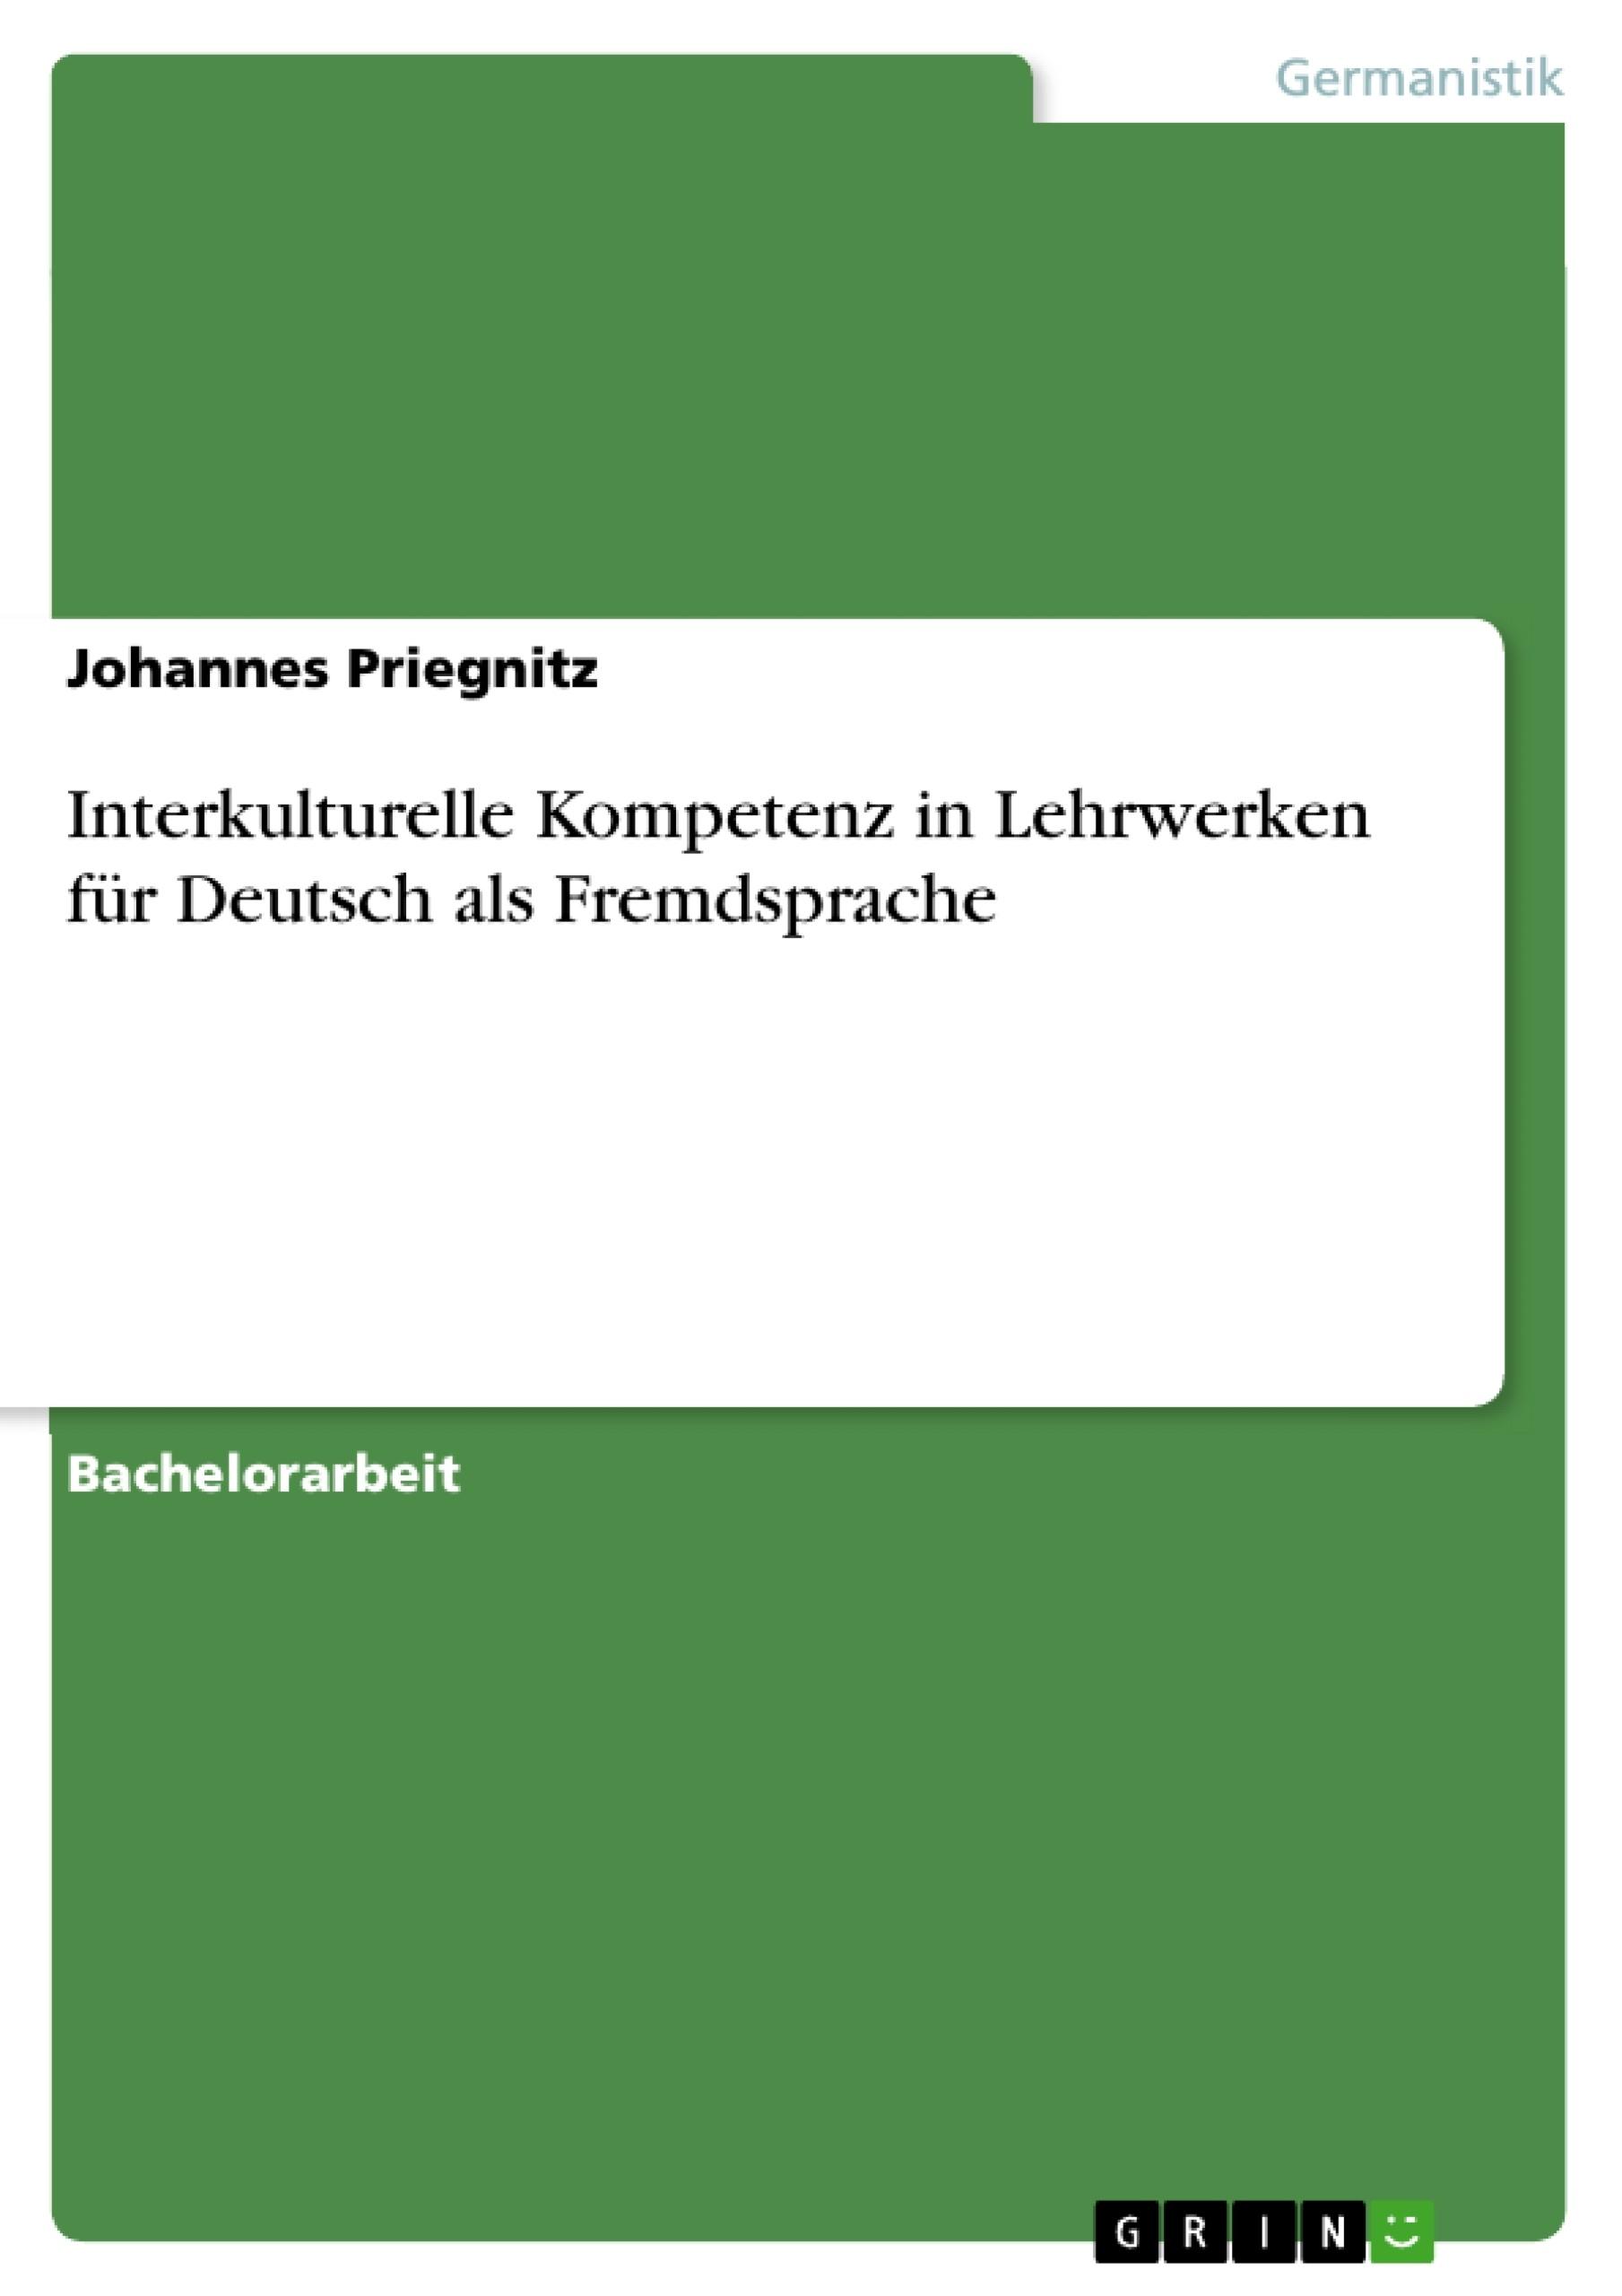 Titel: Interkulturelle Kompetenz in Lehrwerken für Deutsch als Fremdsprache